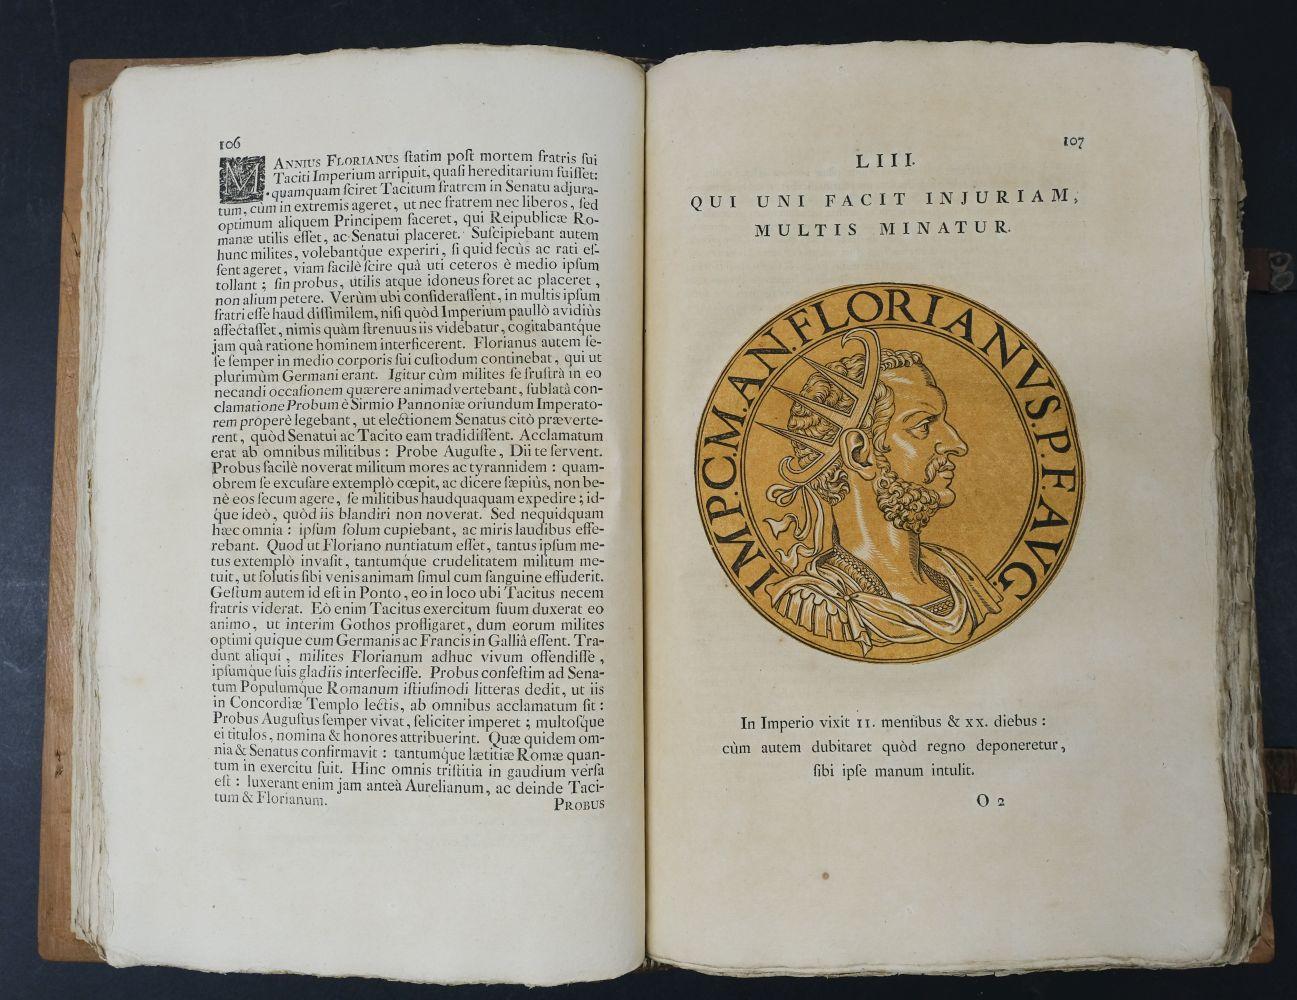 Goltzius (Hubert). Icones Imperatorum Romanorum, 1708 - Image 10 of 13